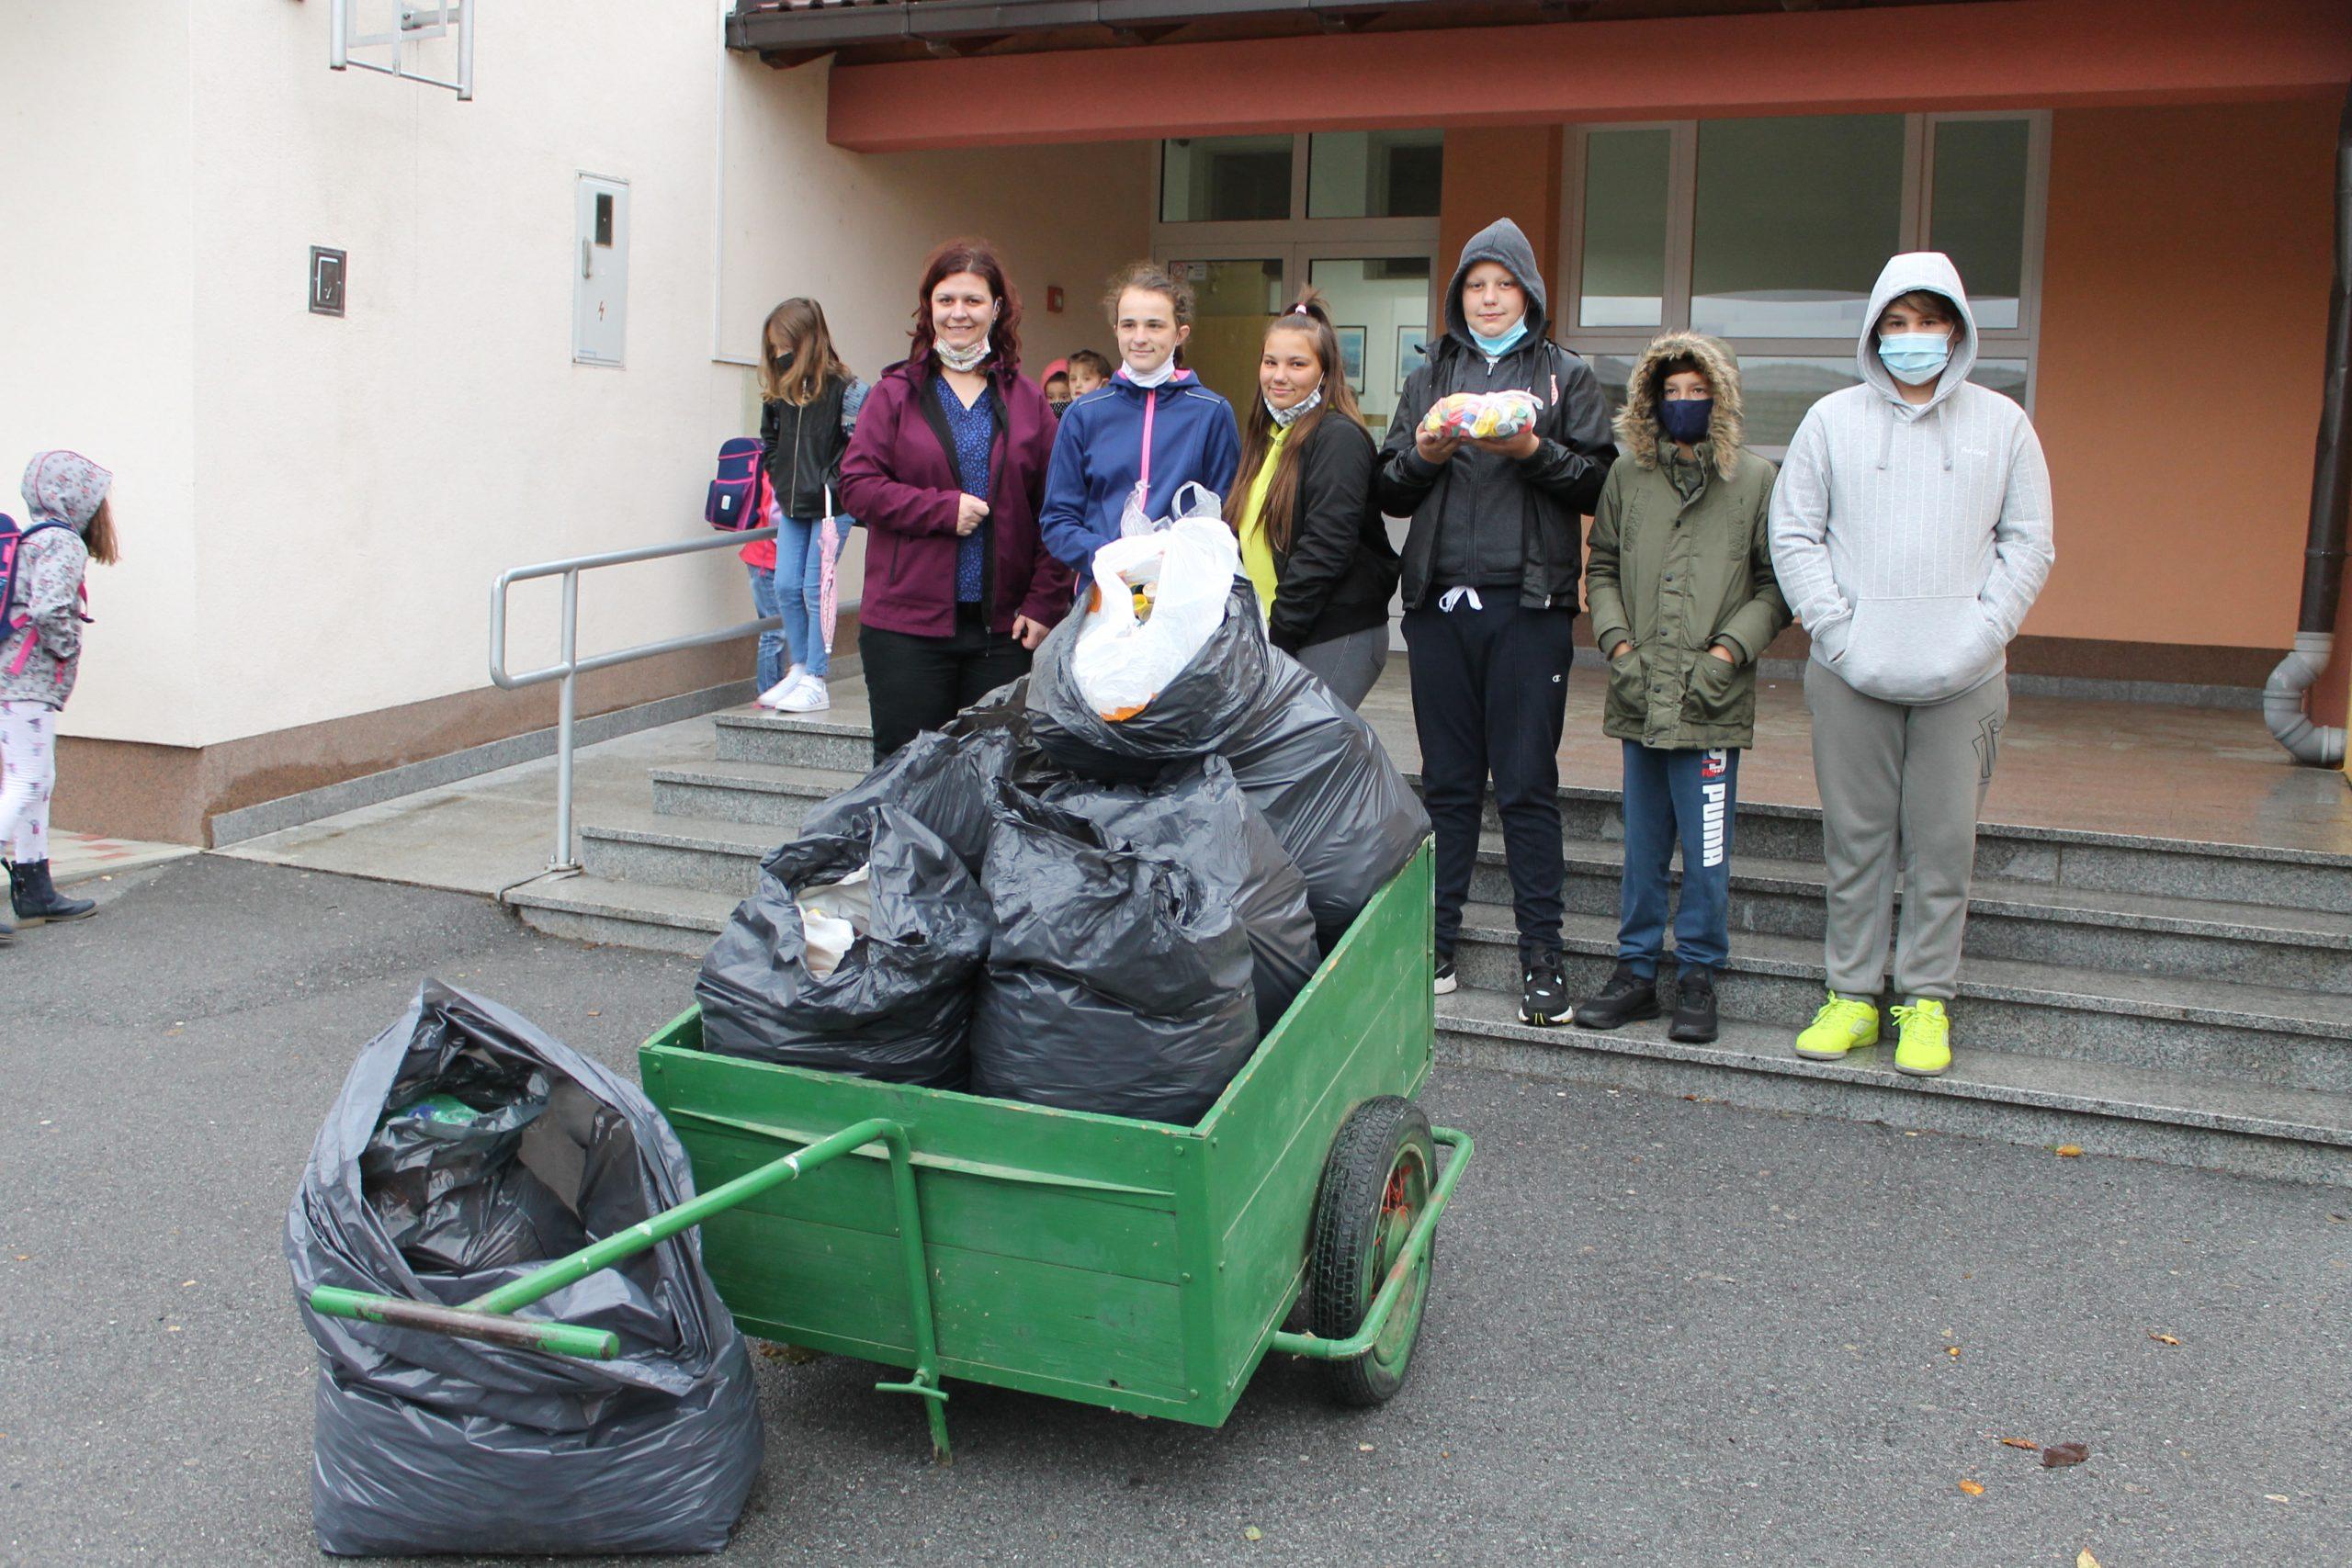 Osnovnoškolci iz Kalinovca sakupili 62 kilograma čepova u humanitarne svrhe